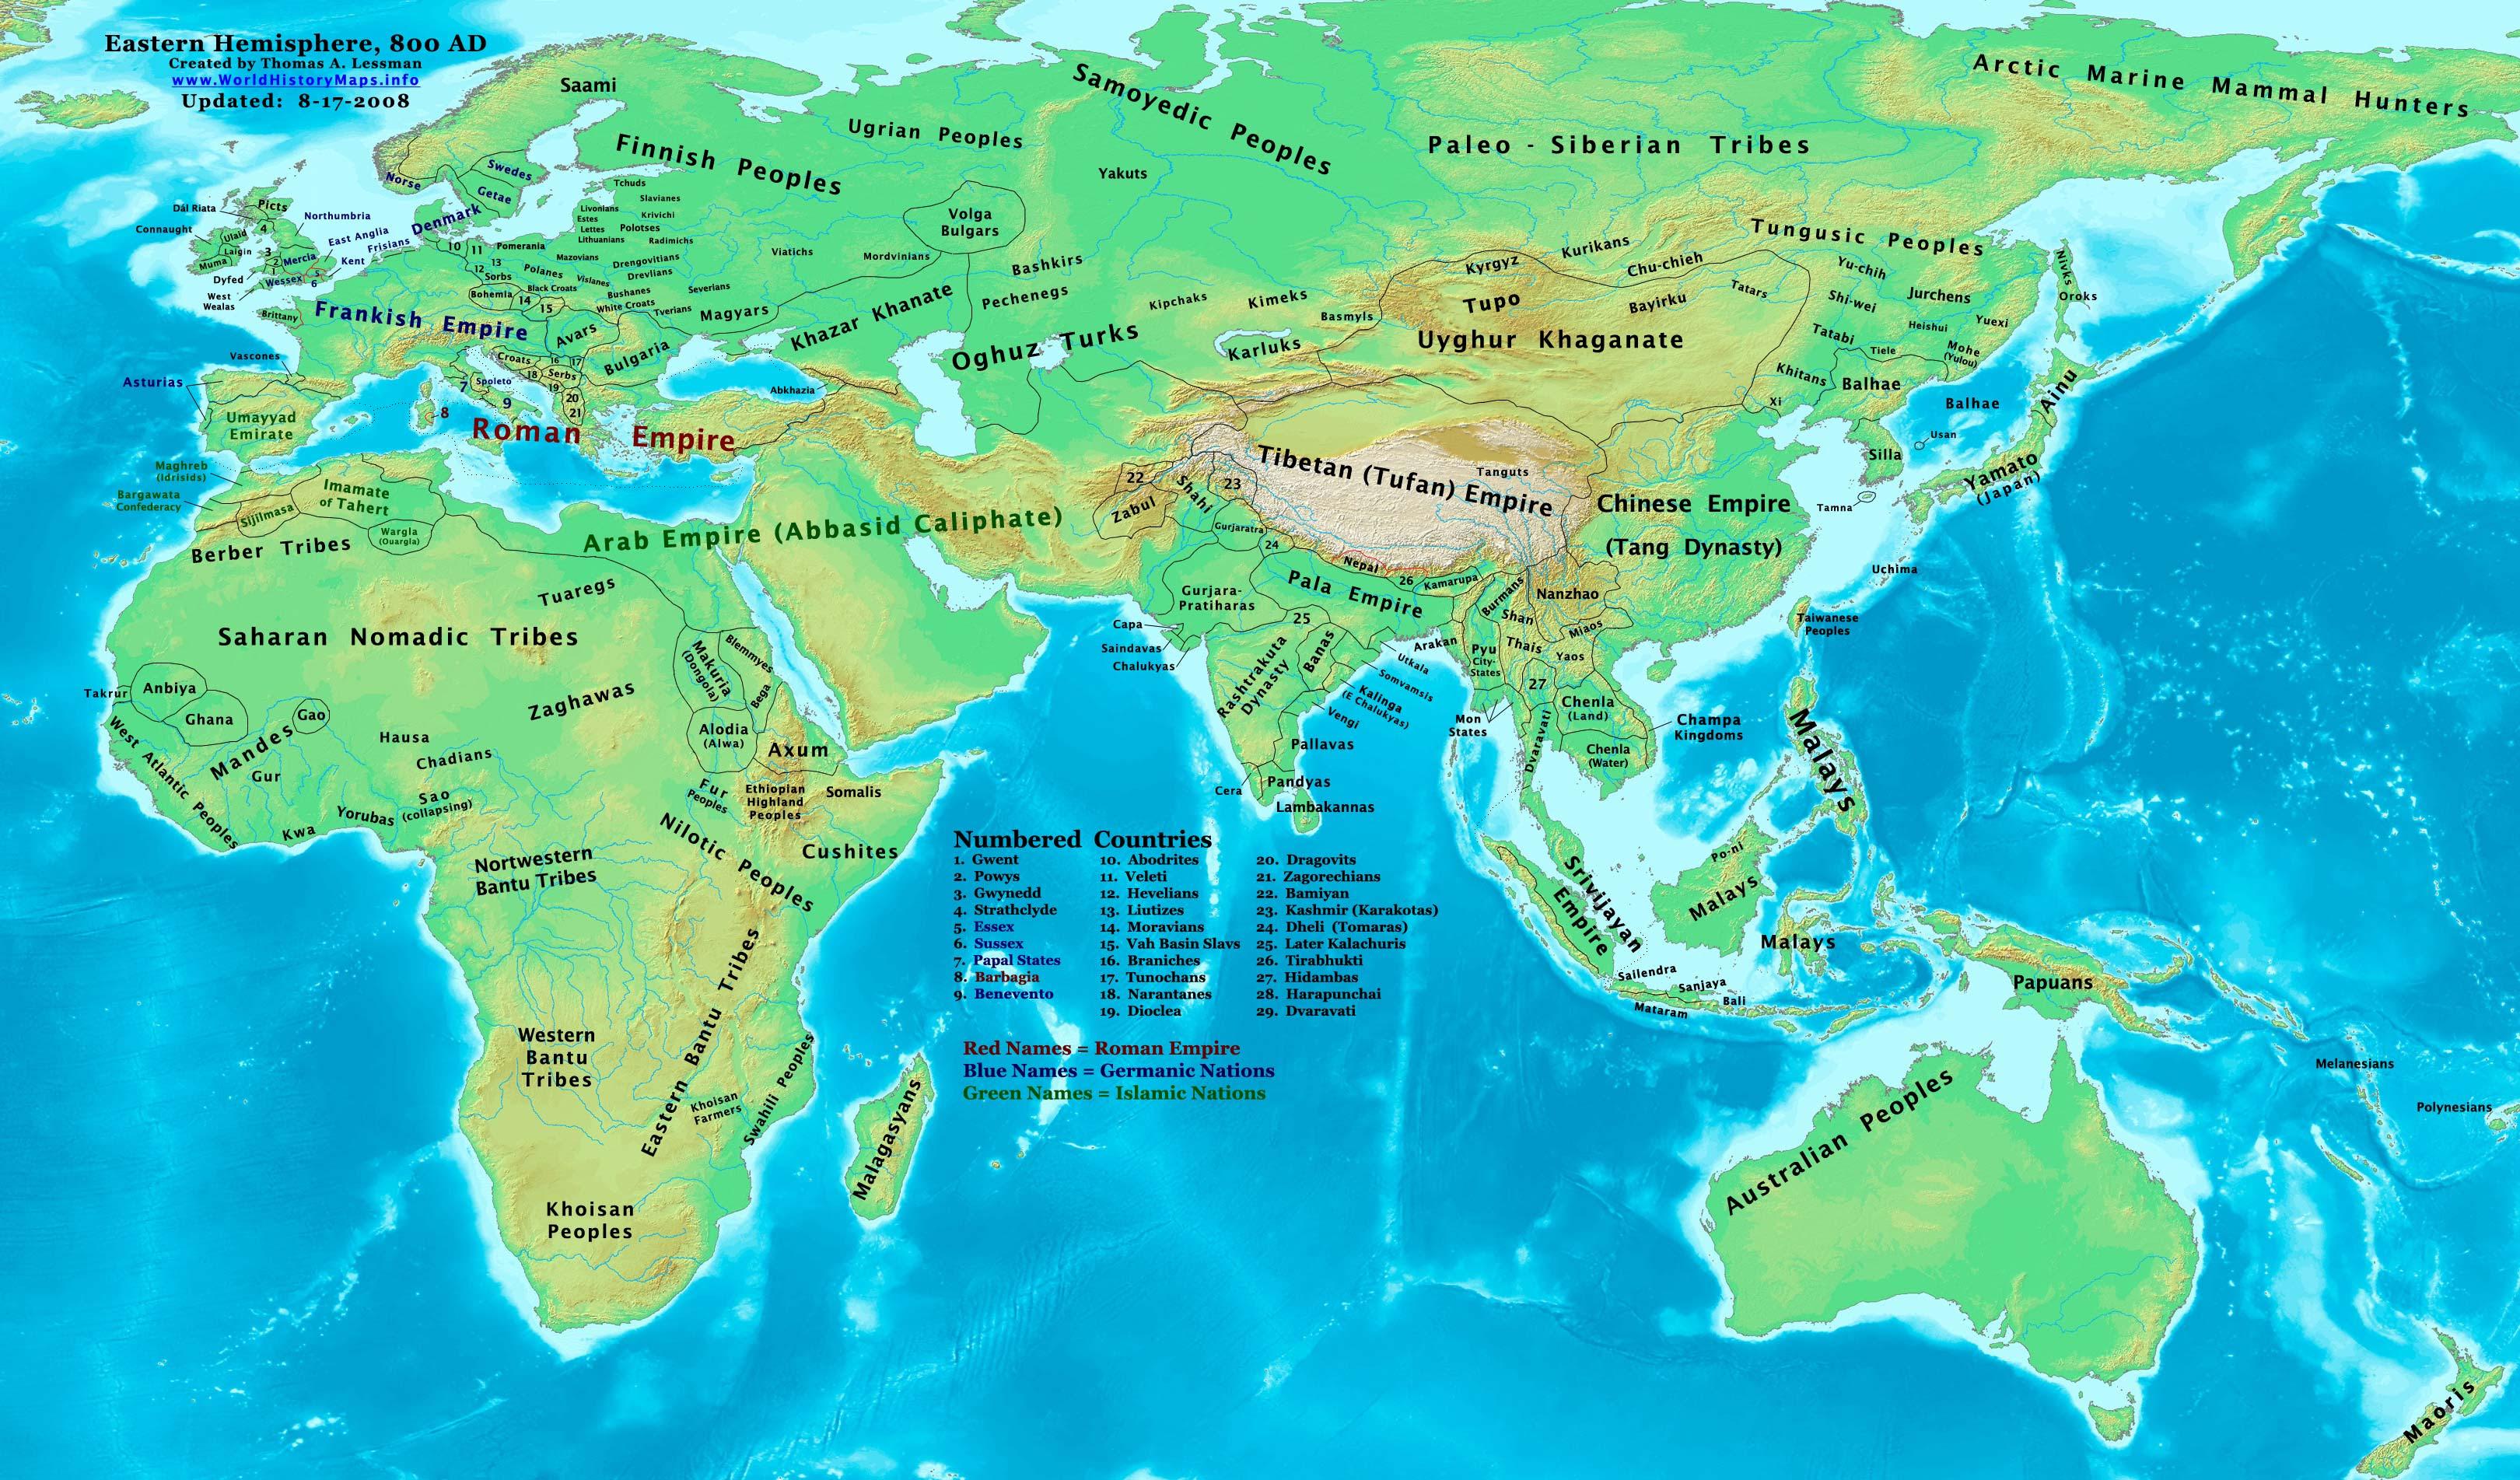 http://worldhistorymaps.info/images/East-Hem_800ad.jpg